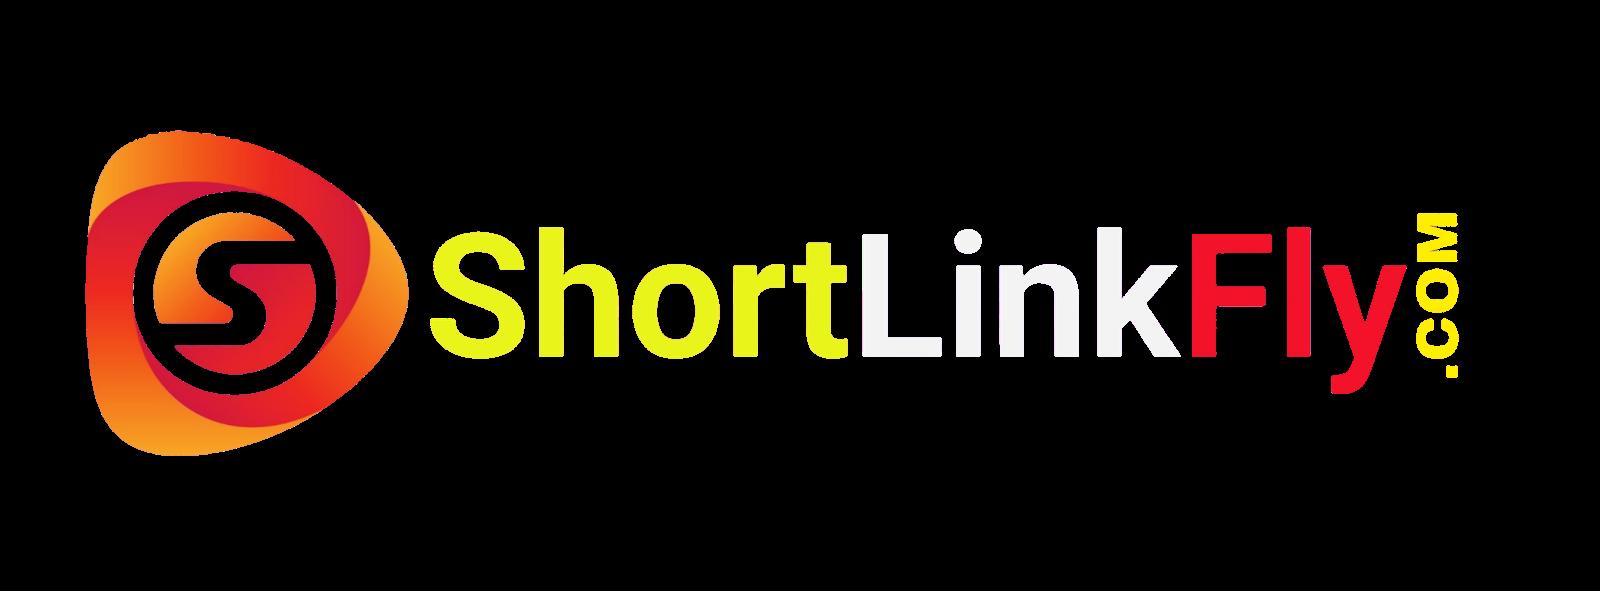 Shortlinkfly